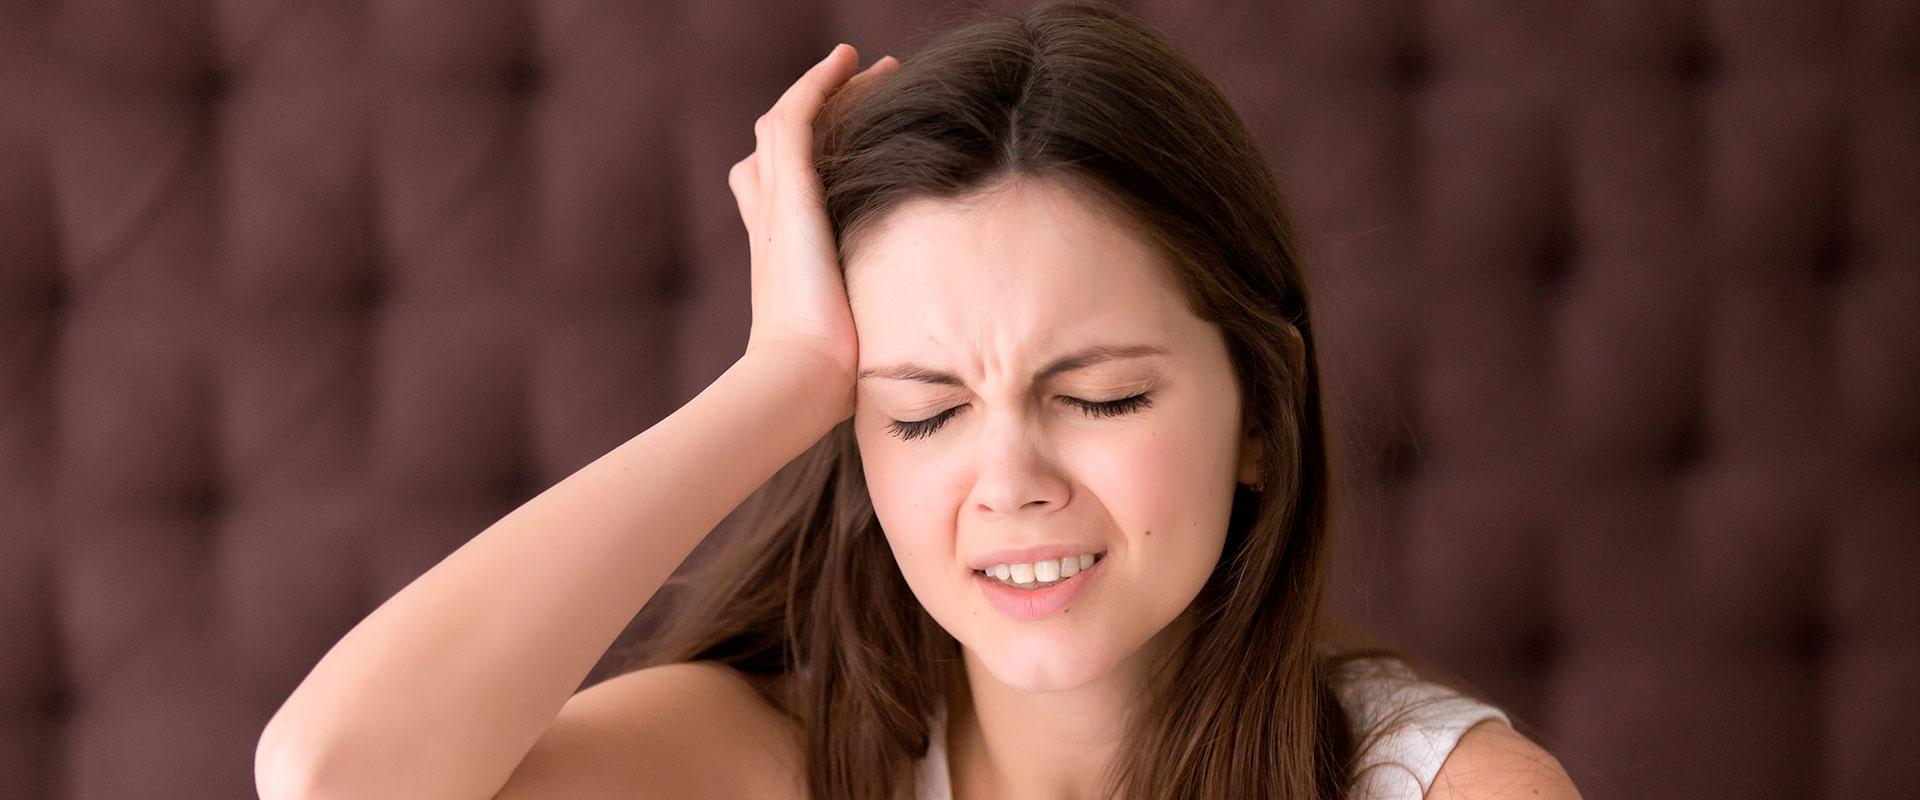 Mujer con dolor de cabeza por una resaca debido a la fiesta.